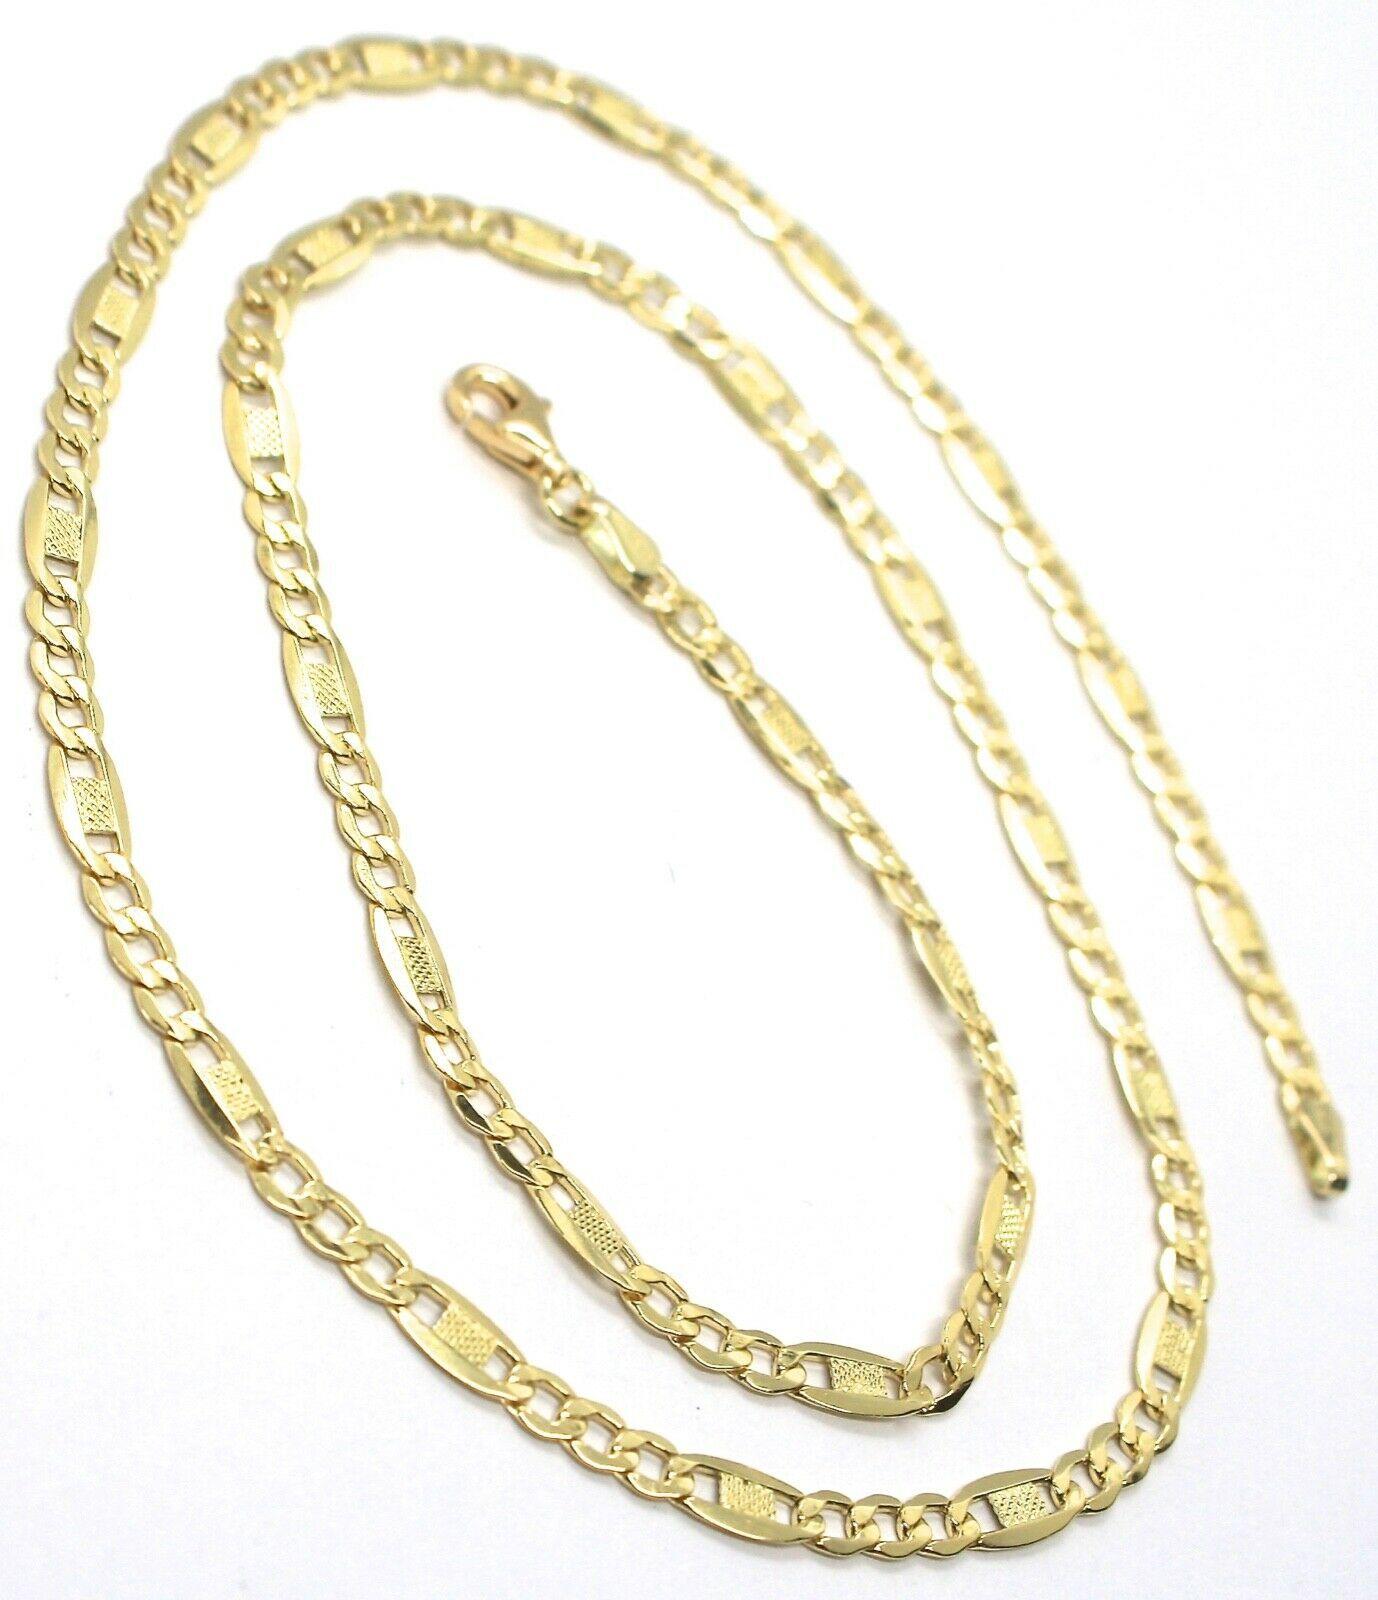 Kette Gelbgold 18K 750, 50 cm, Curb Chain Damen Wohnung und Platten image 2